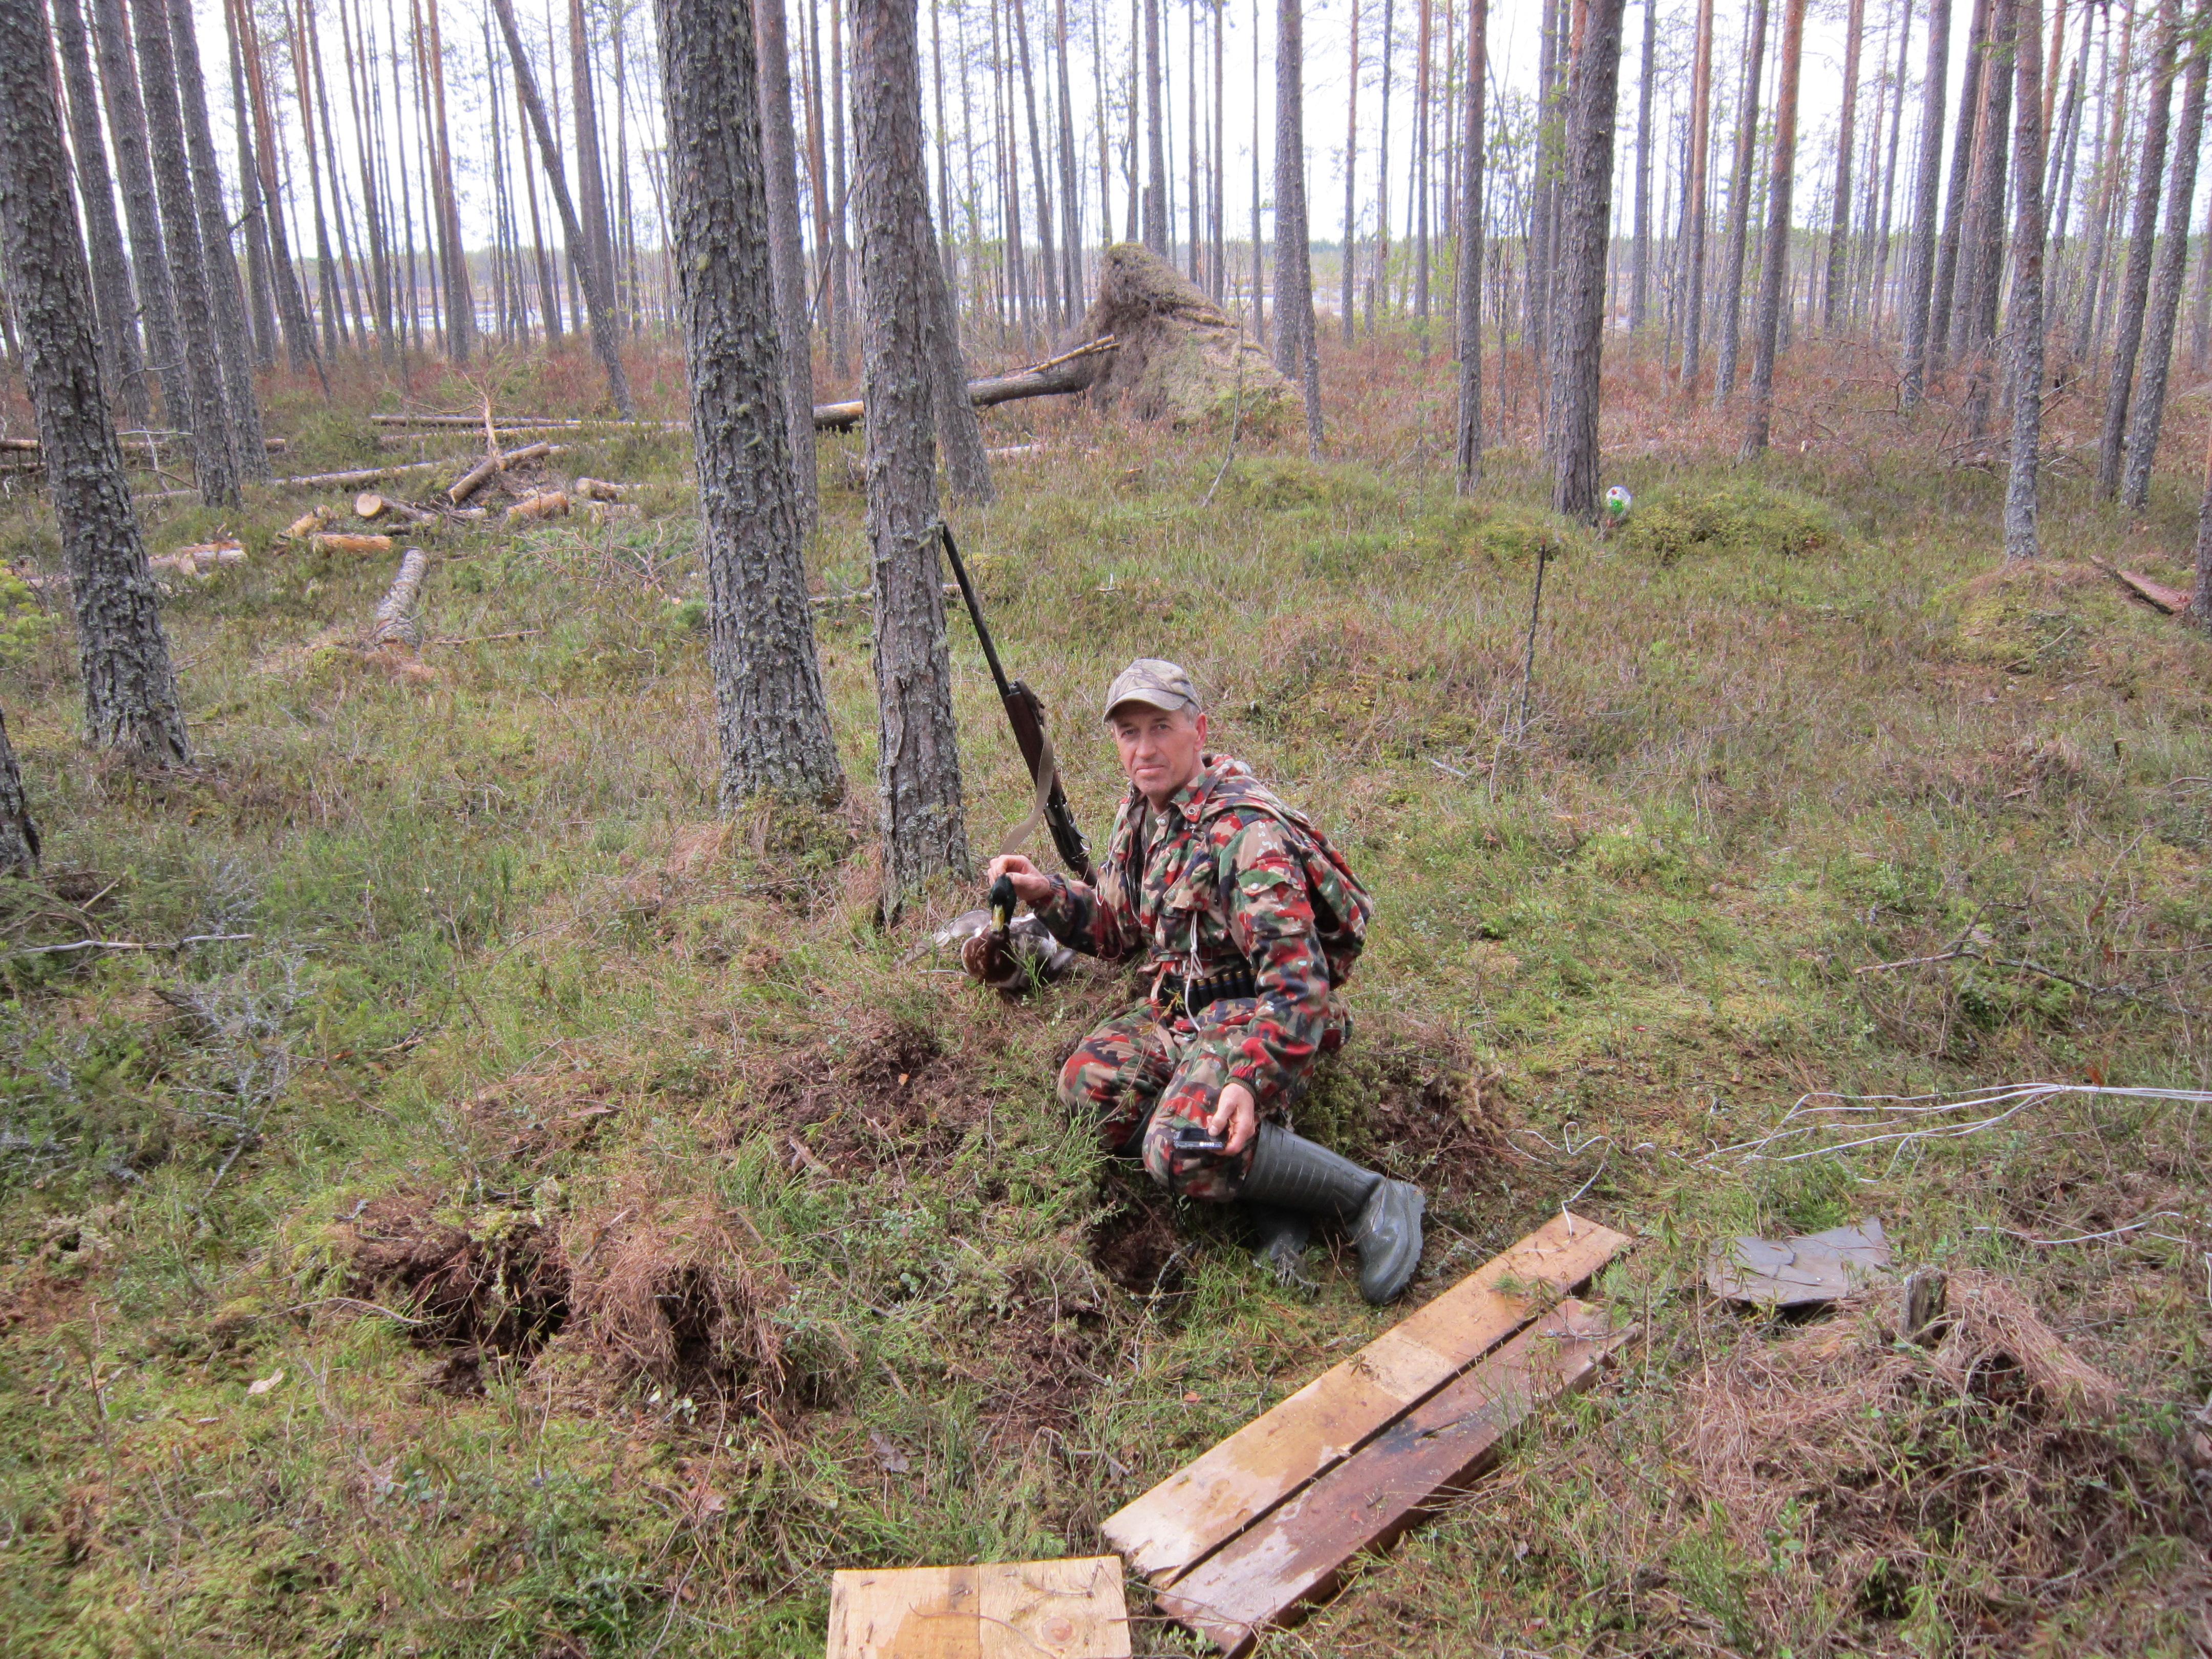 2013, 04 мая, охотник Воронцов Николай Николаевич, добыча - селезень.